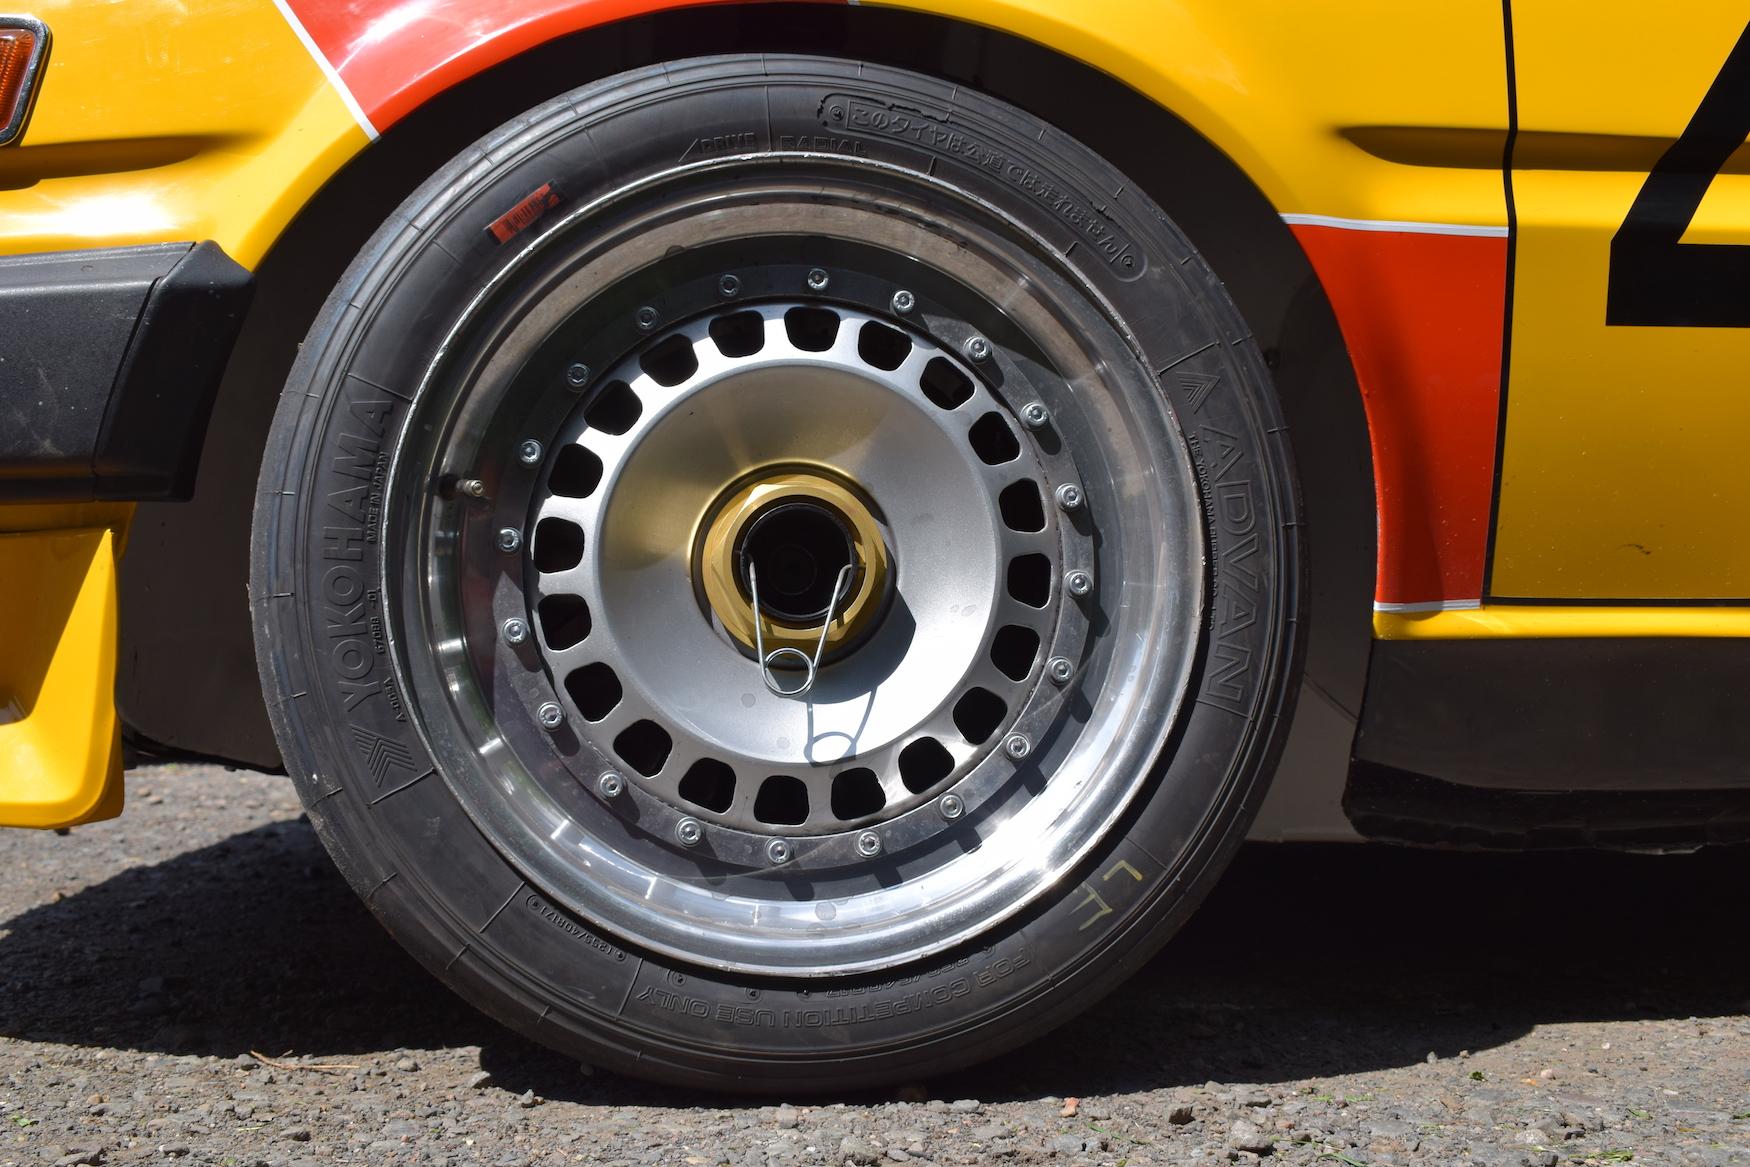 Rover SD1 Vitesse wheel